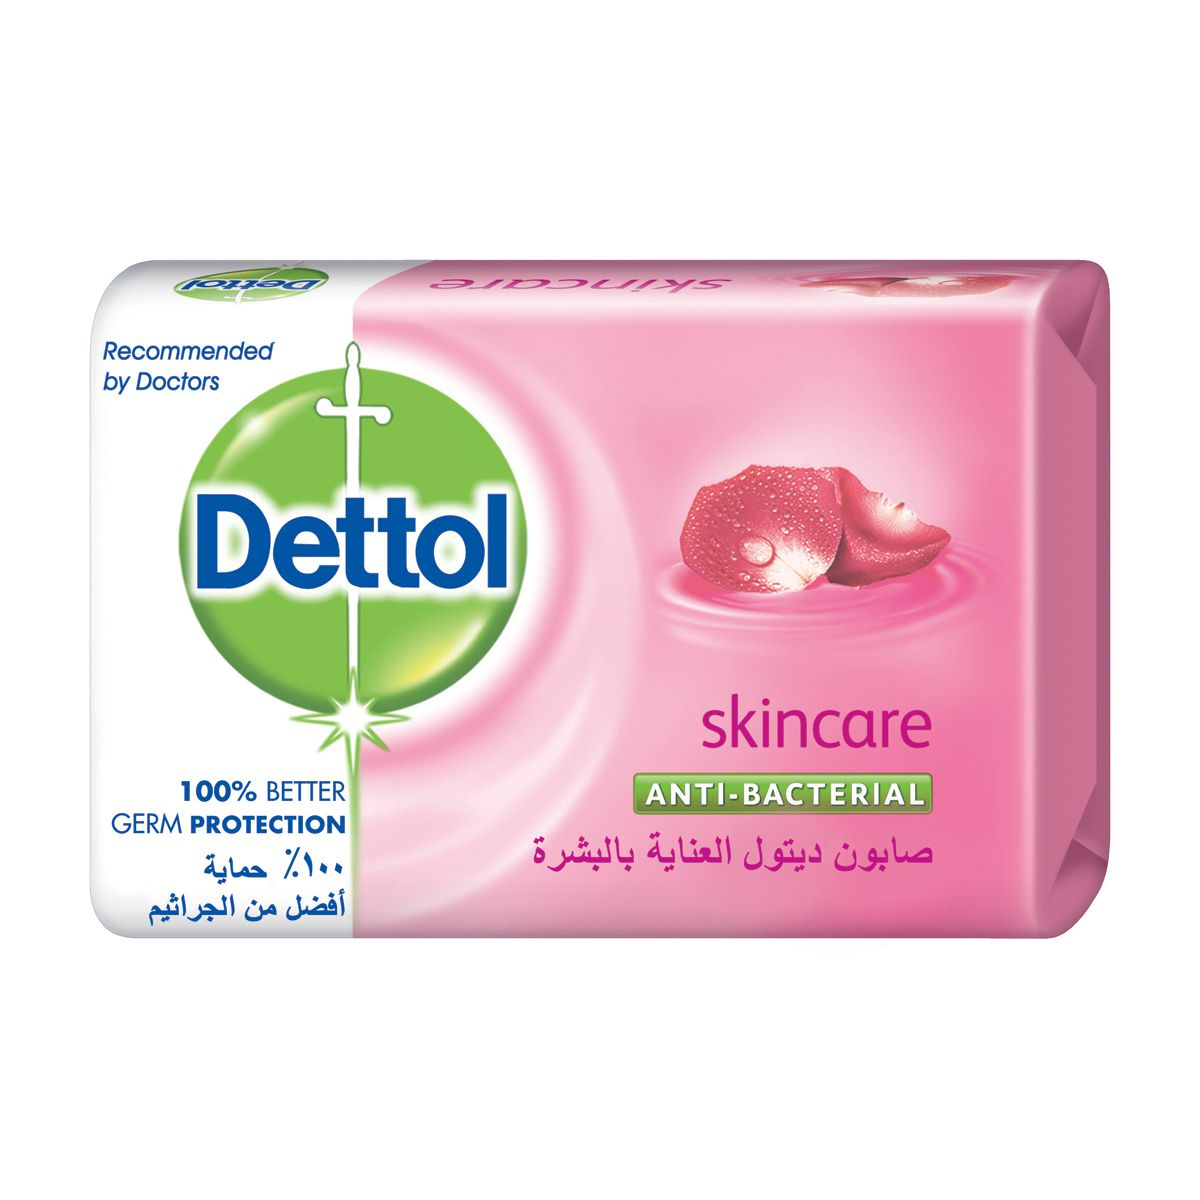 صابون-ديتول-الوردي-للعناية-بالبشرة-